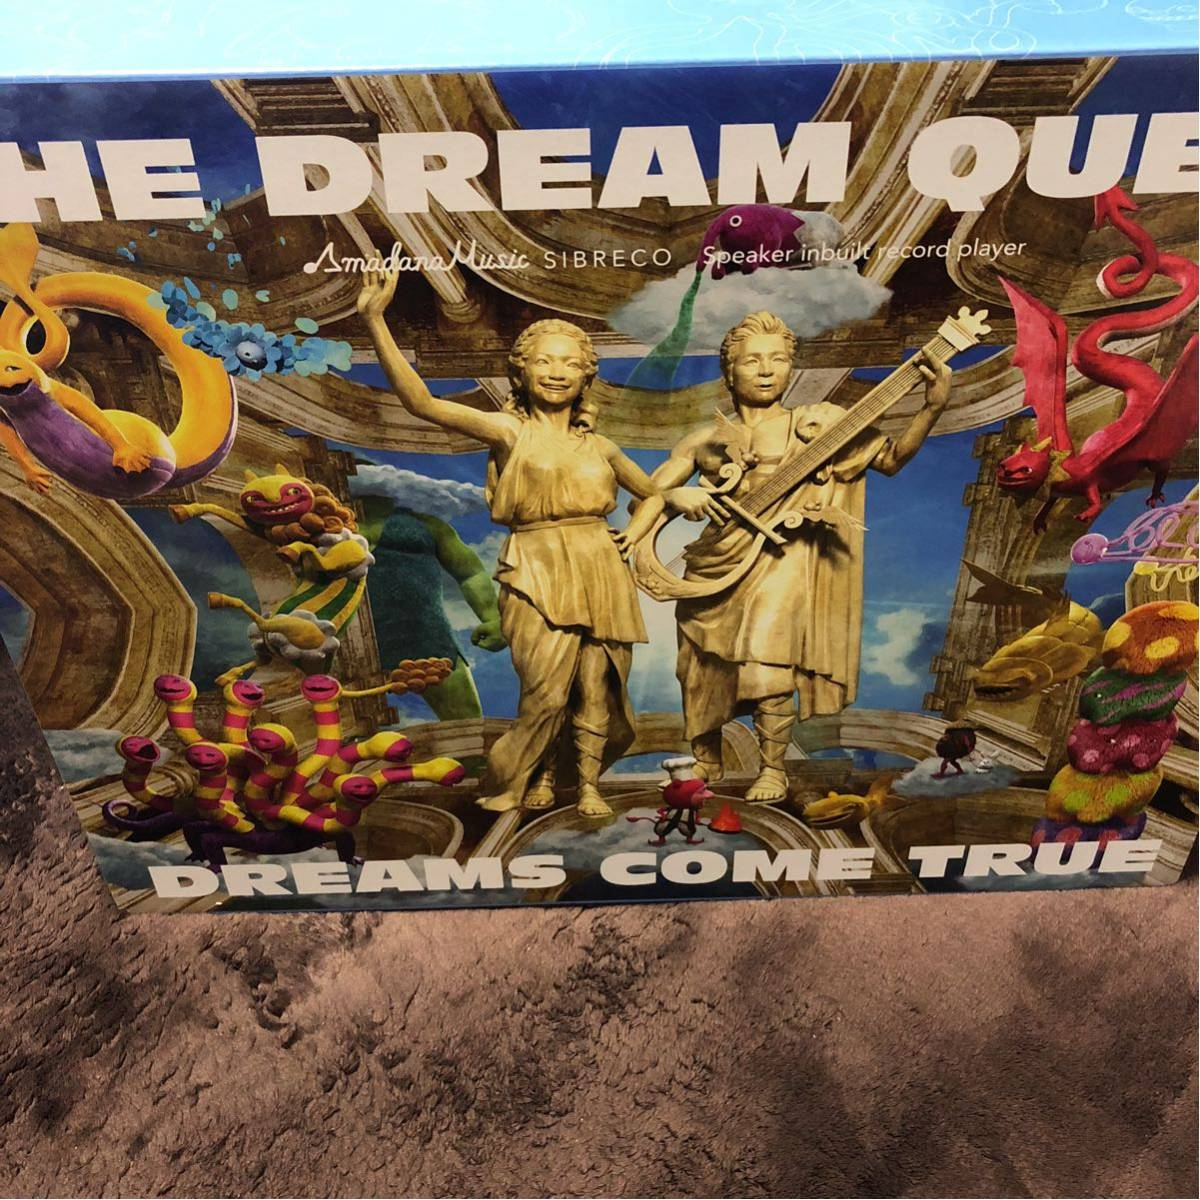 限定商品 DREAMS COME TRUE レコードプレーヤー